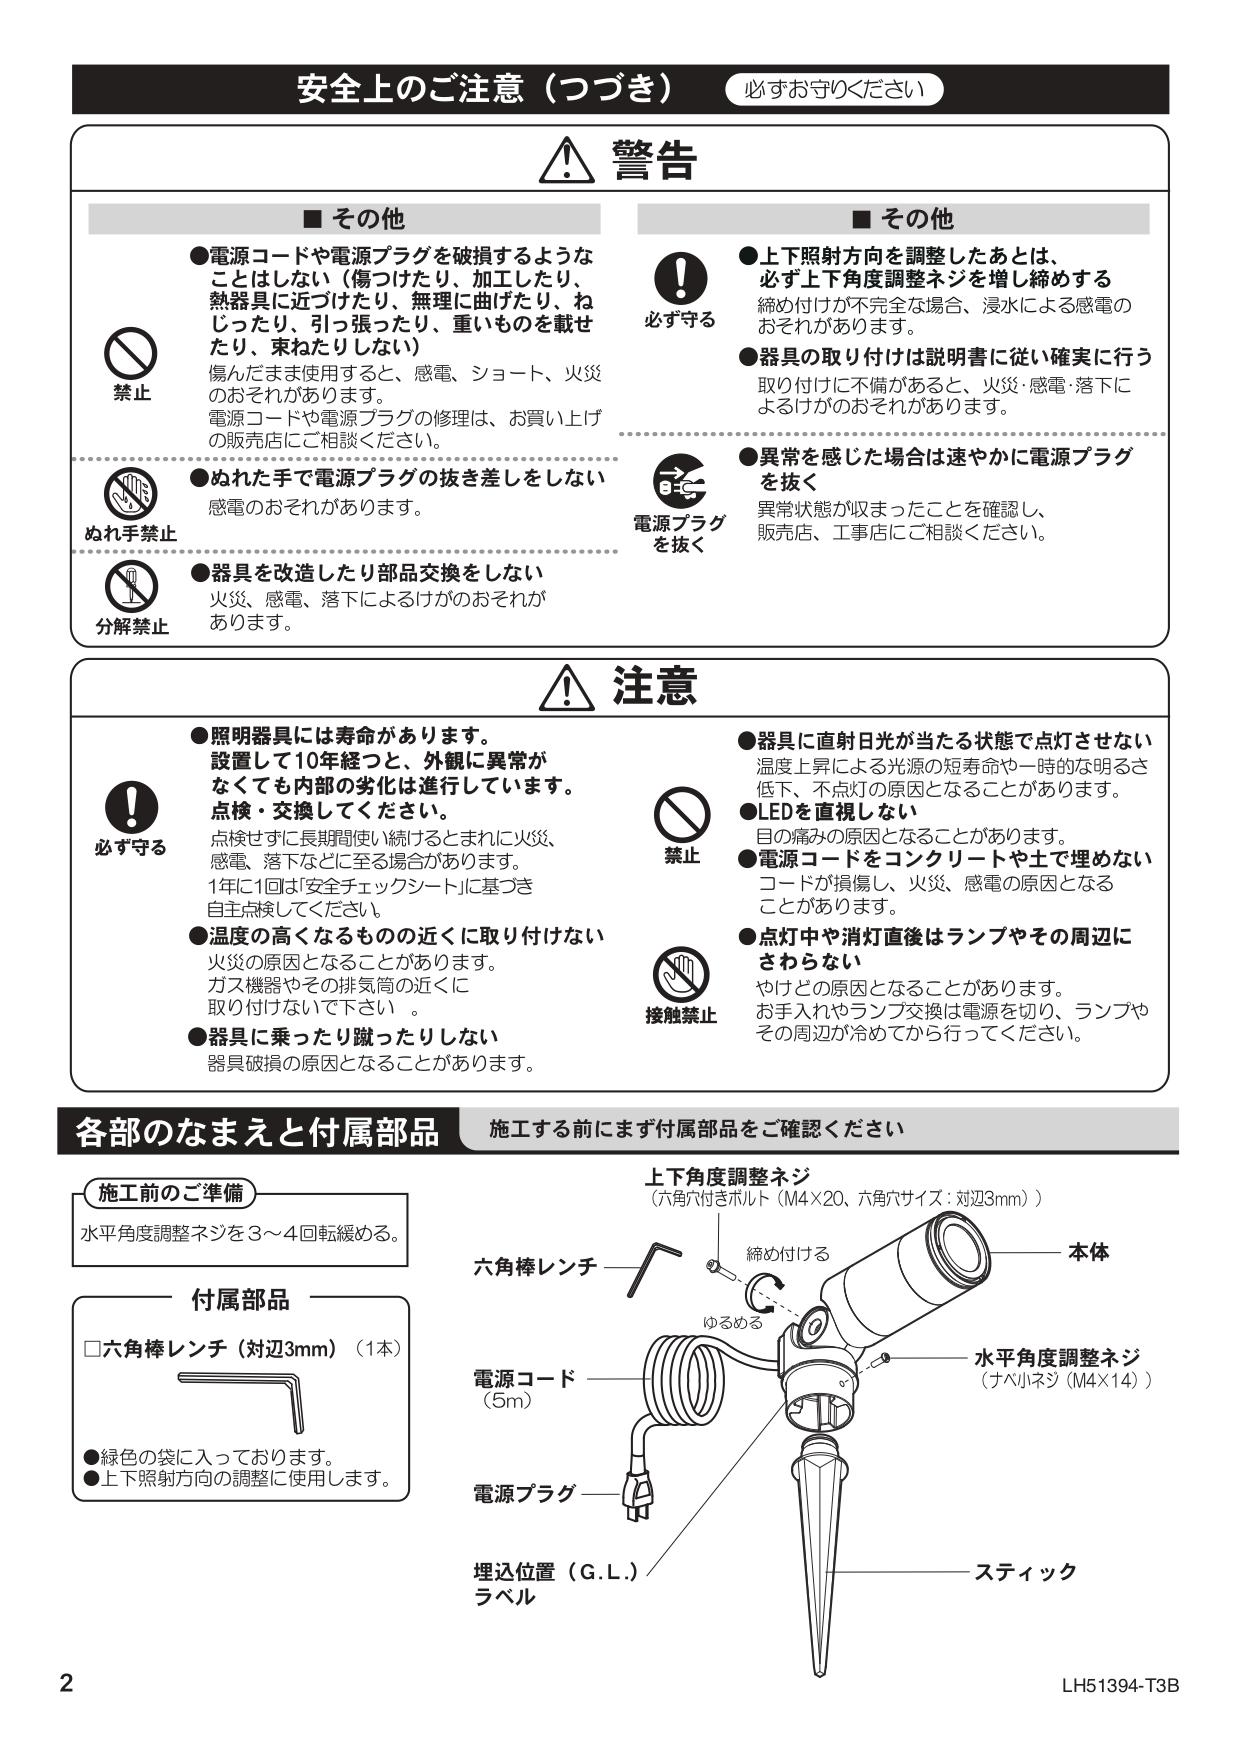 エクステリアライト GLS1型 スポットライト スパイクタイプ 施工説明書_page-0002